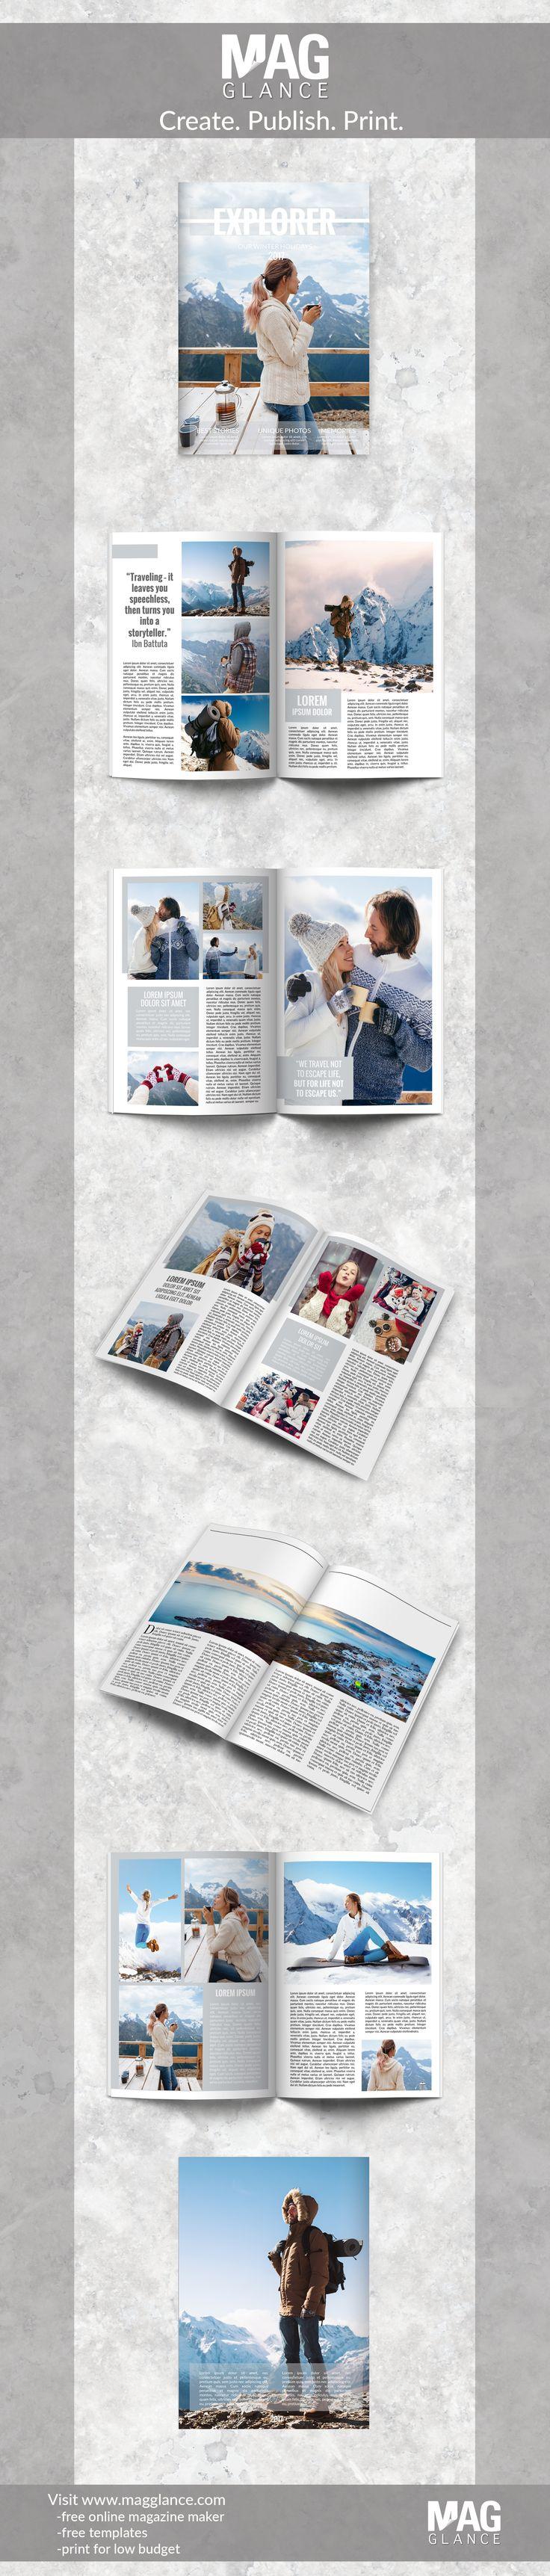 les 25 meilleures id u00e9es de la cat u00e9gorie mise en page de magazines sur pinterest